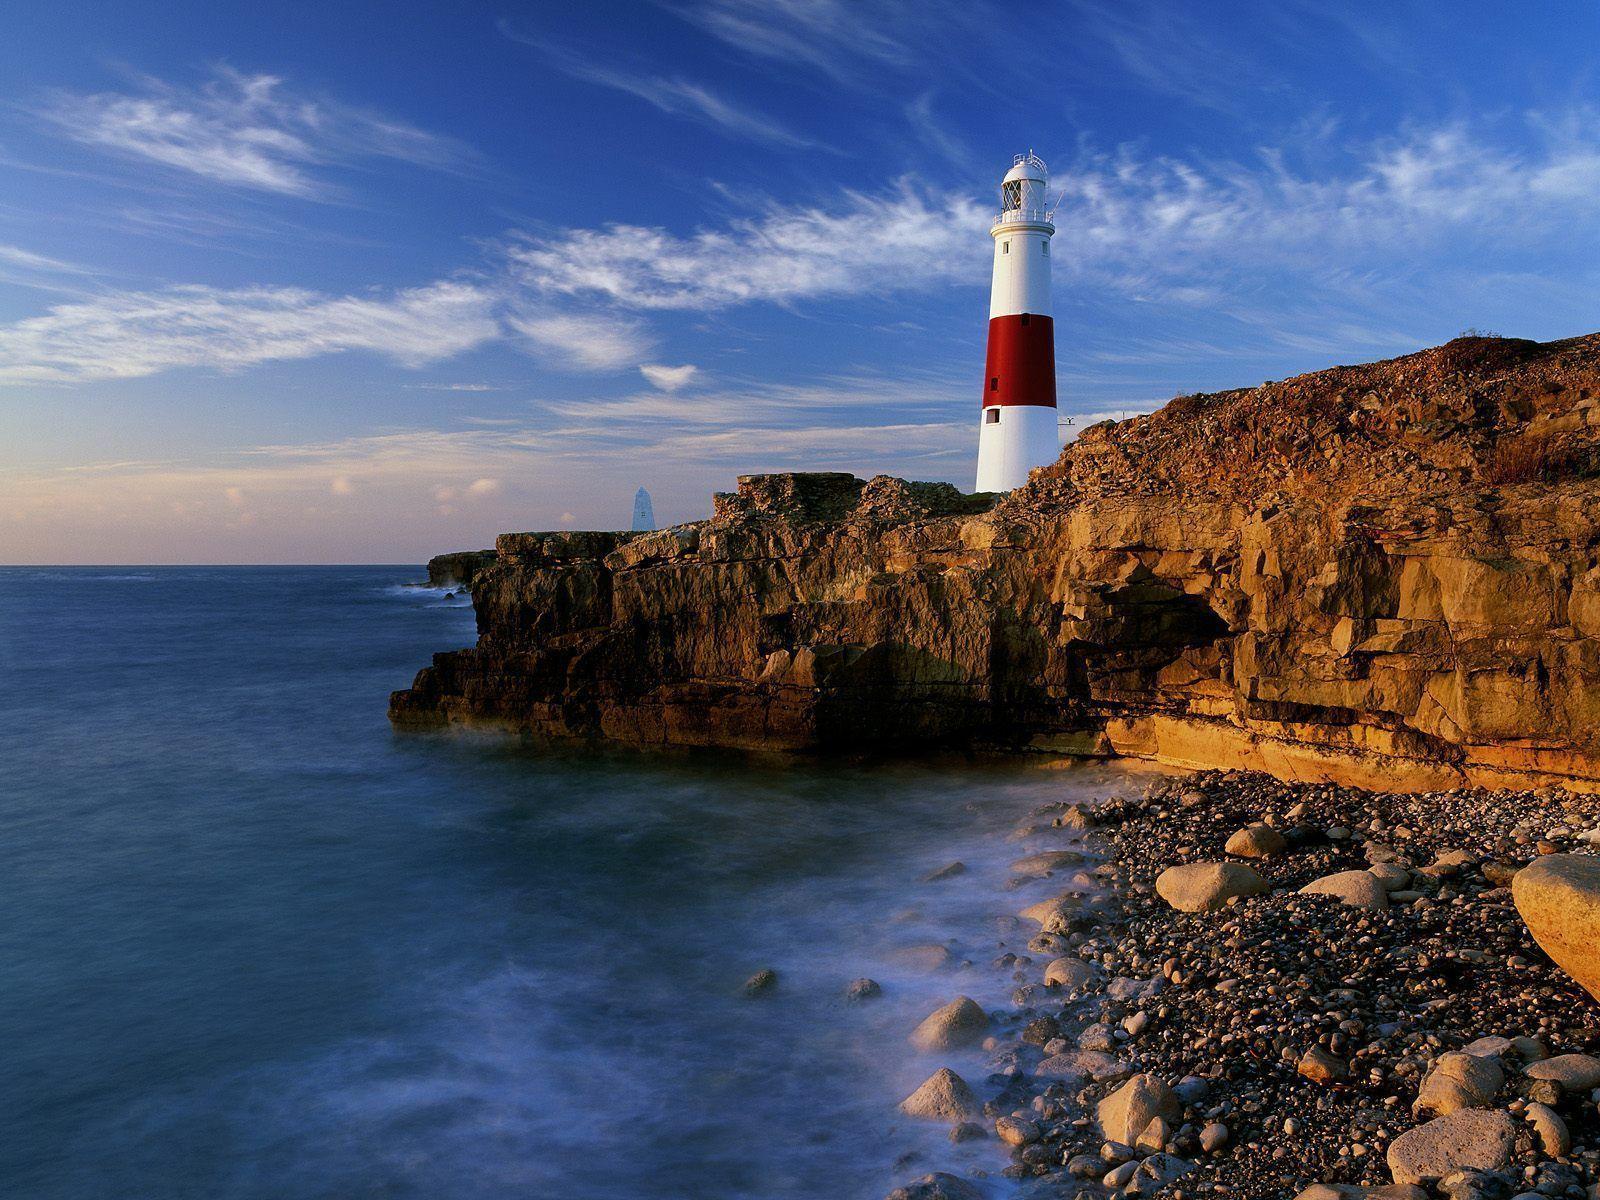 lighthouse wallpaper desktop - photo #18